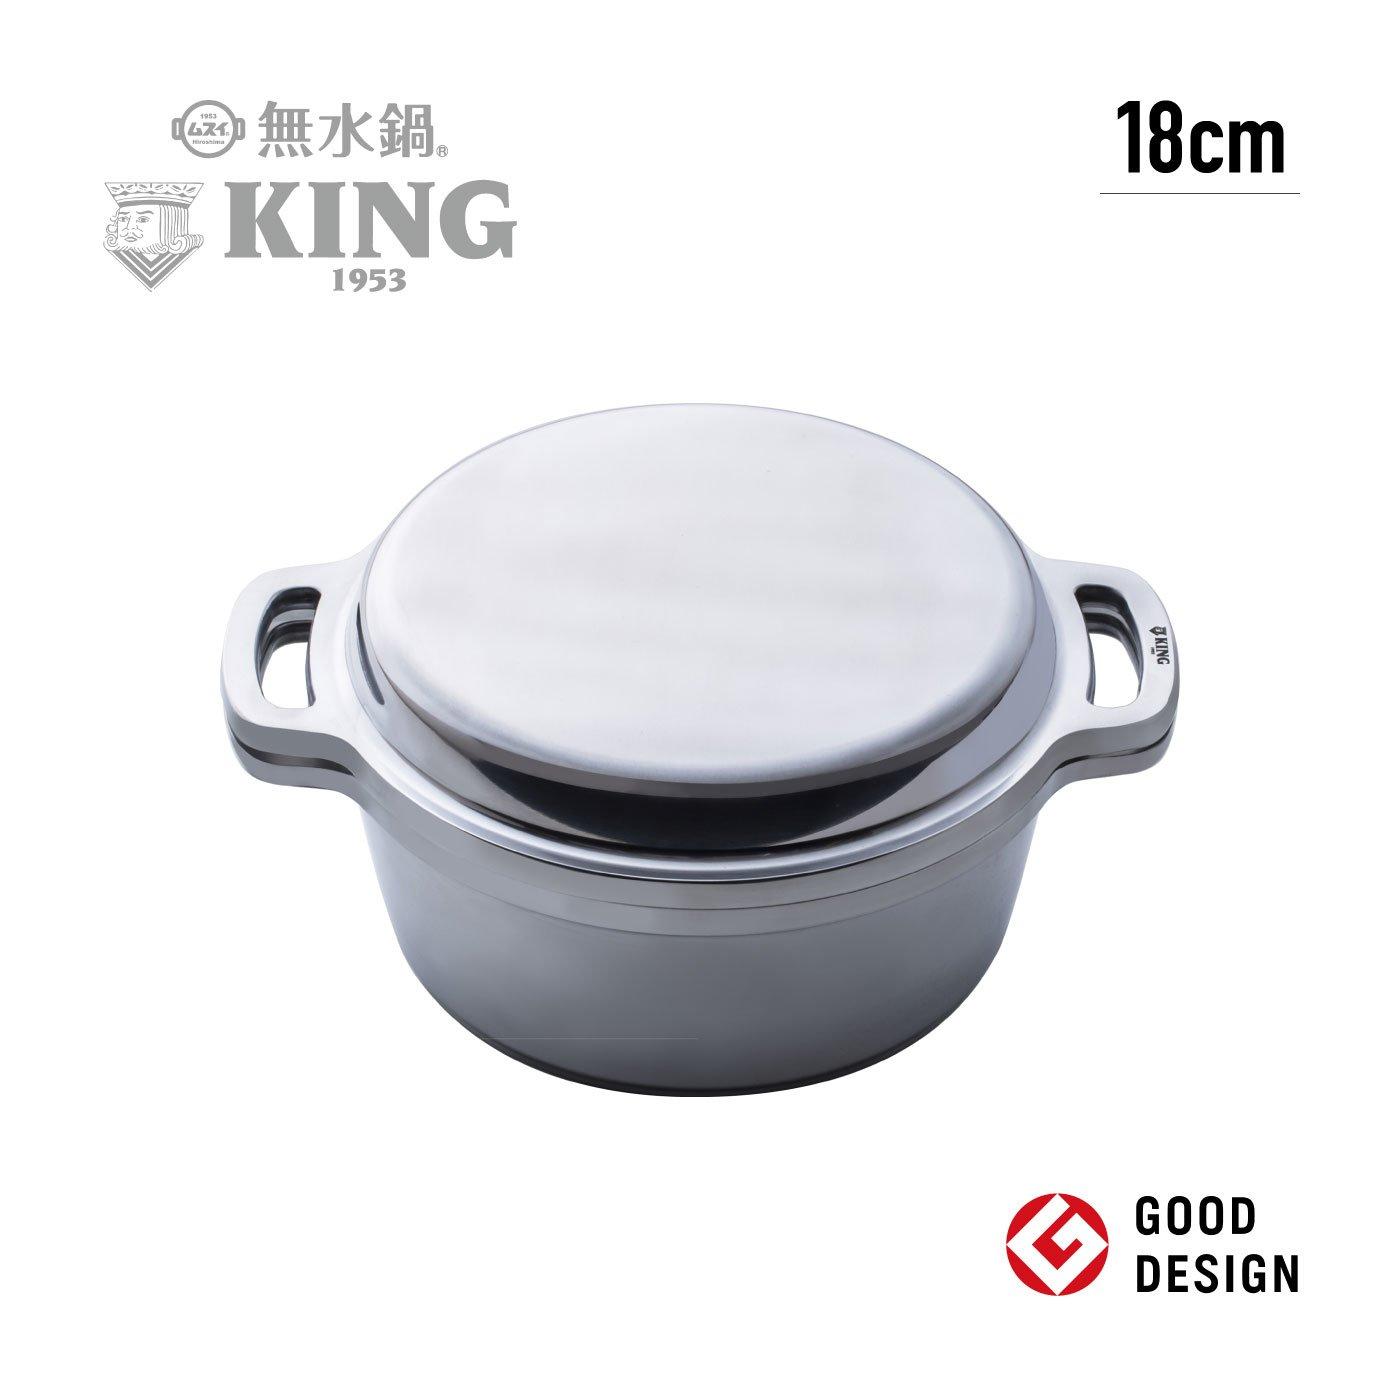 料理も、人も水入らず 時代を超えて受け継がれる KING無水鍋(R)18cm